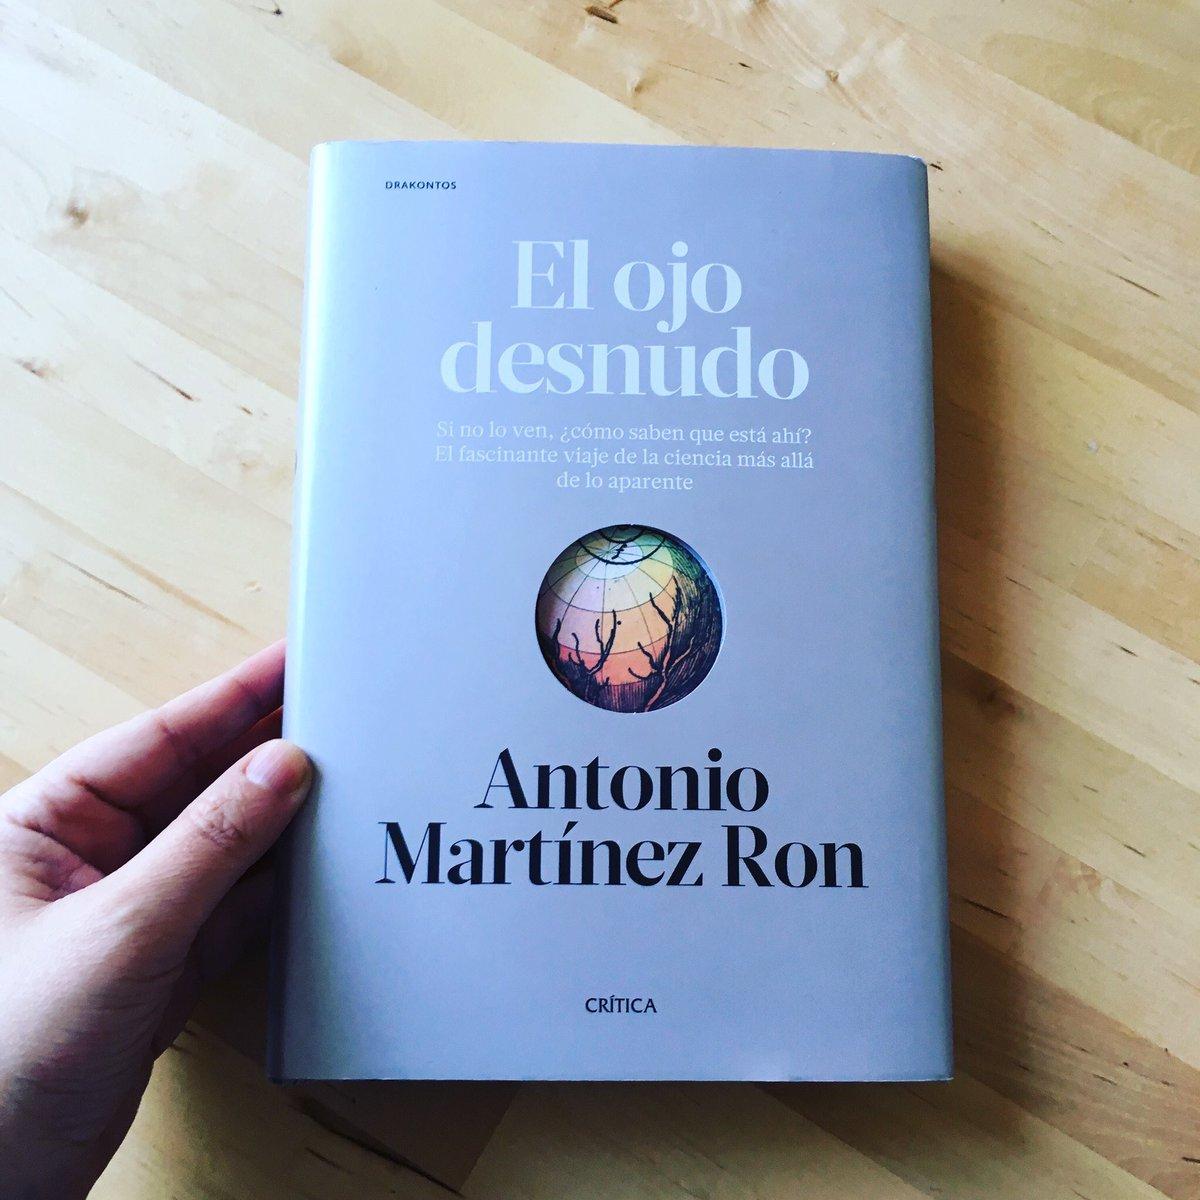 """Lo que la crítica dice sobre """"El ojo desnudo"""" http://www.fogonazos.es/2017/02/lo-que-la-critica-dice-sobre-el-ojo.html?m=1…"""